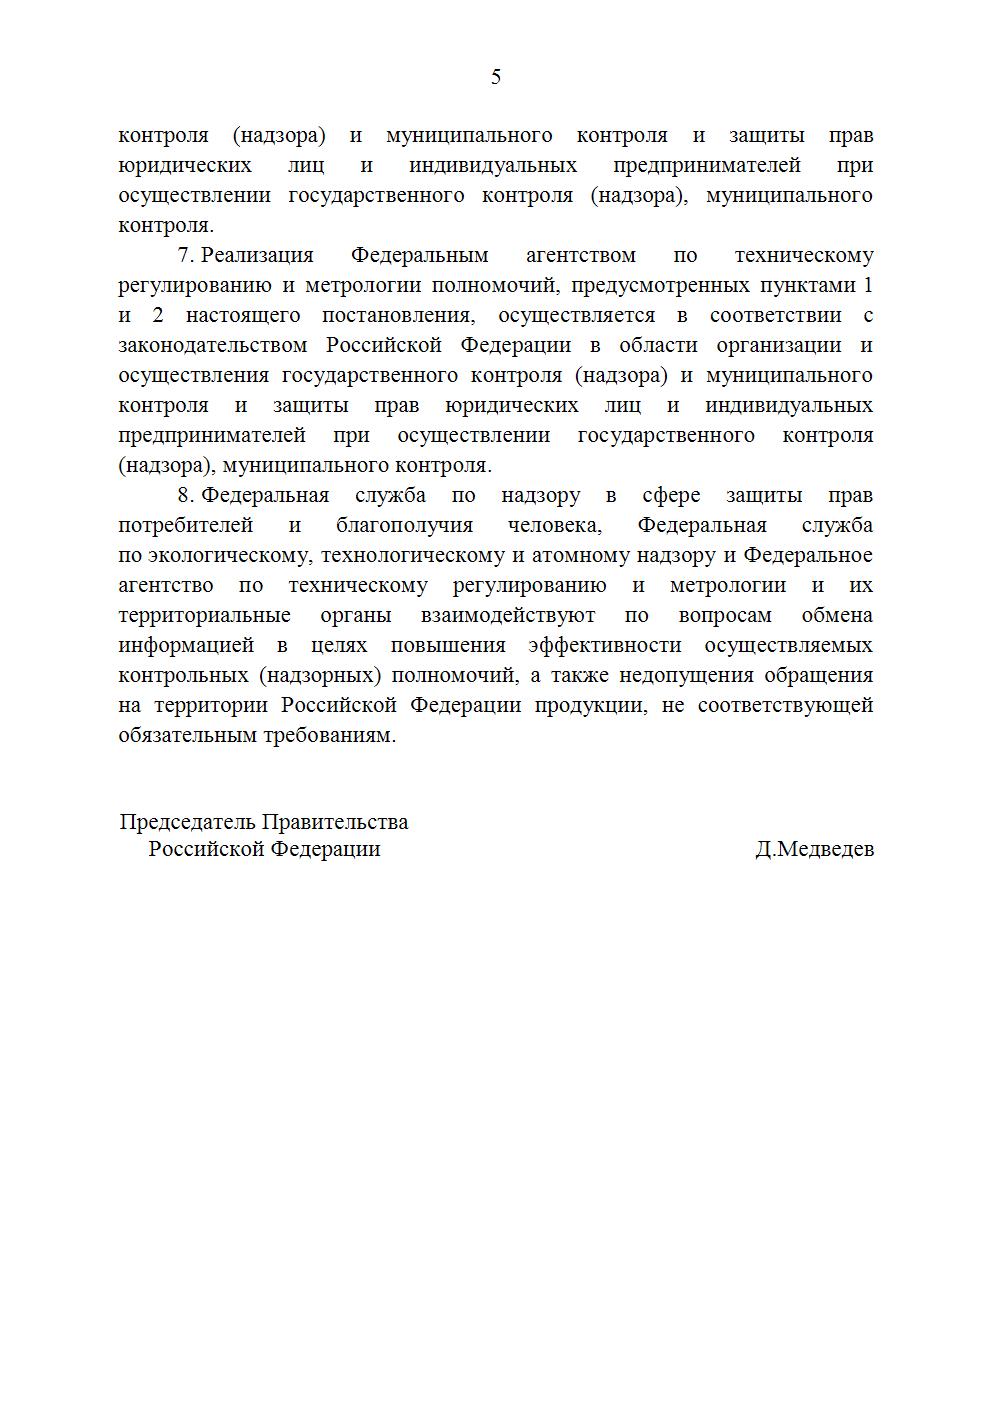 Постановление от 13 мая 2013 г. №407 Об уполномоченных органах Российской Федерации по обеспечению государственного контроля (надзора) за соблюдением требований технических регламентов Таможенного союза